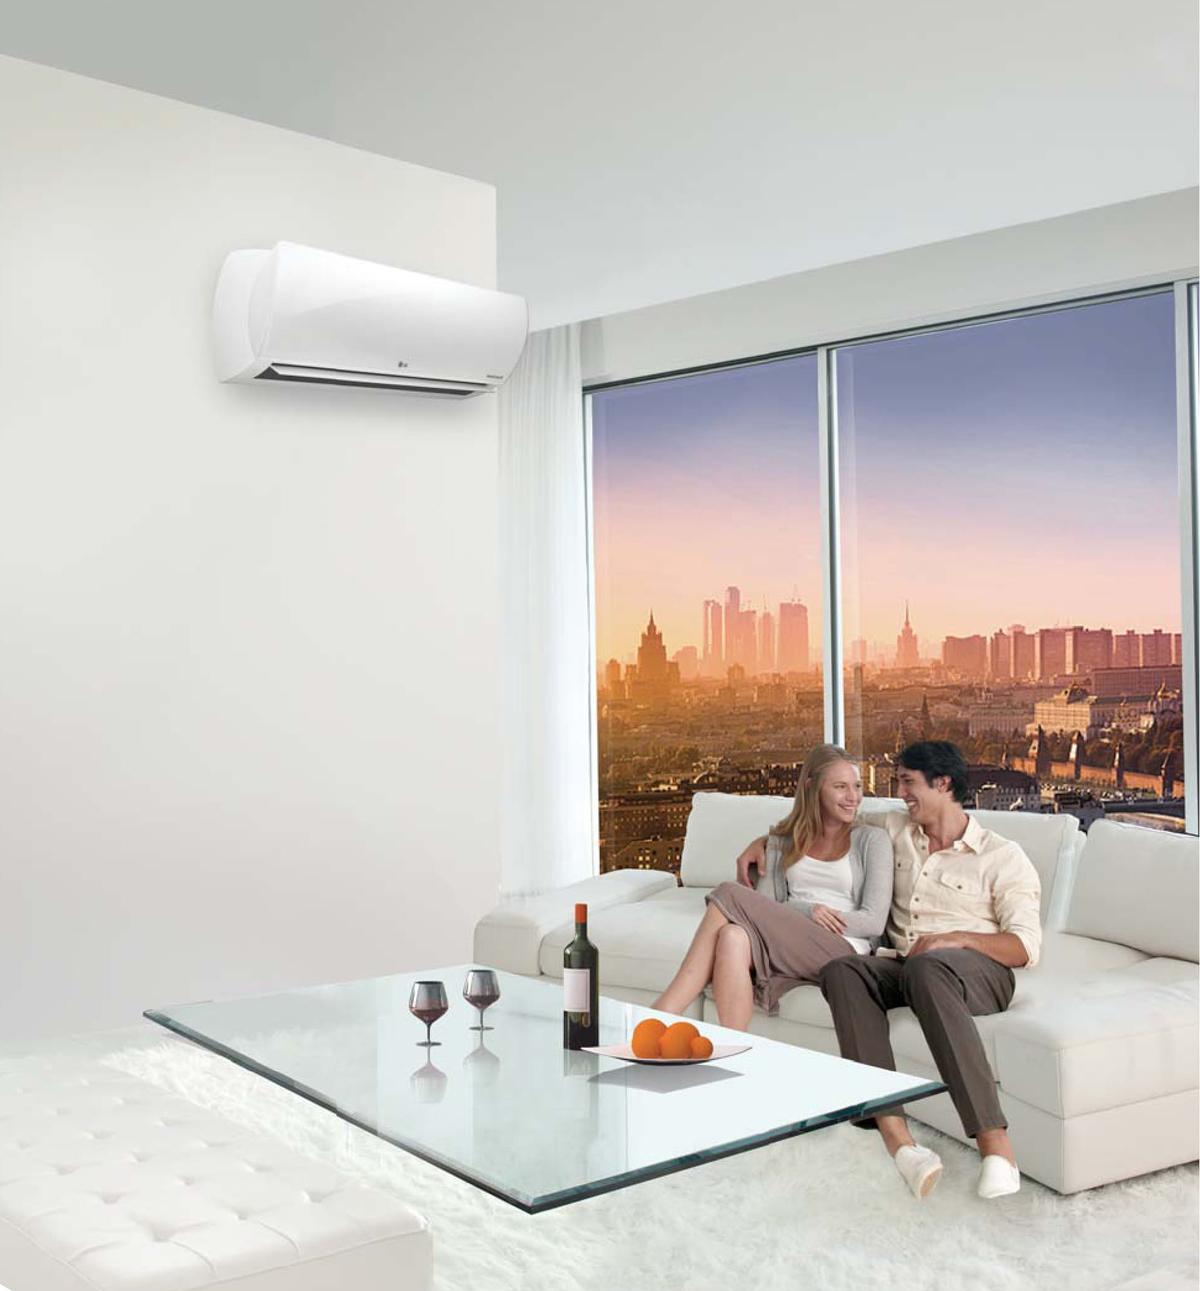 Як обрати кондиціонер та осушувач повітря для дому?